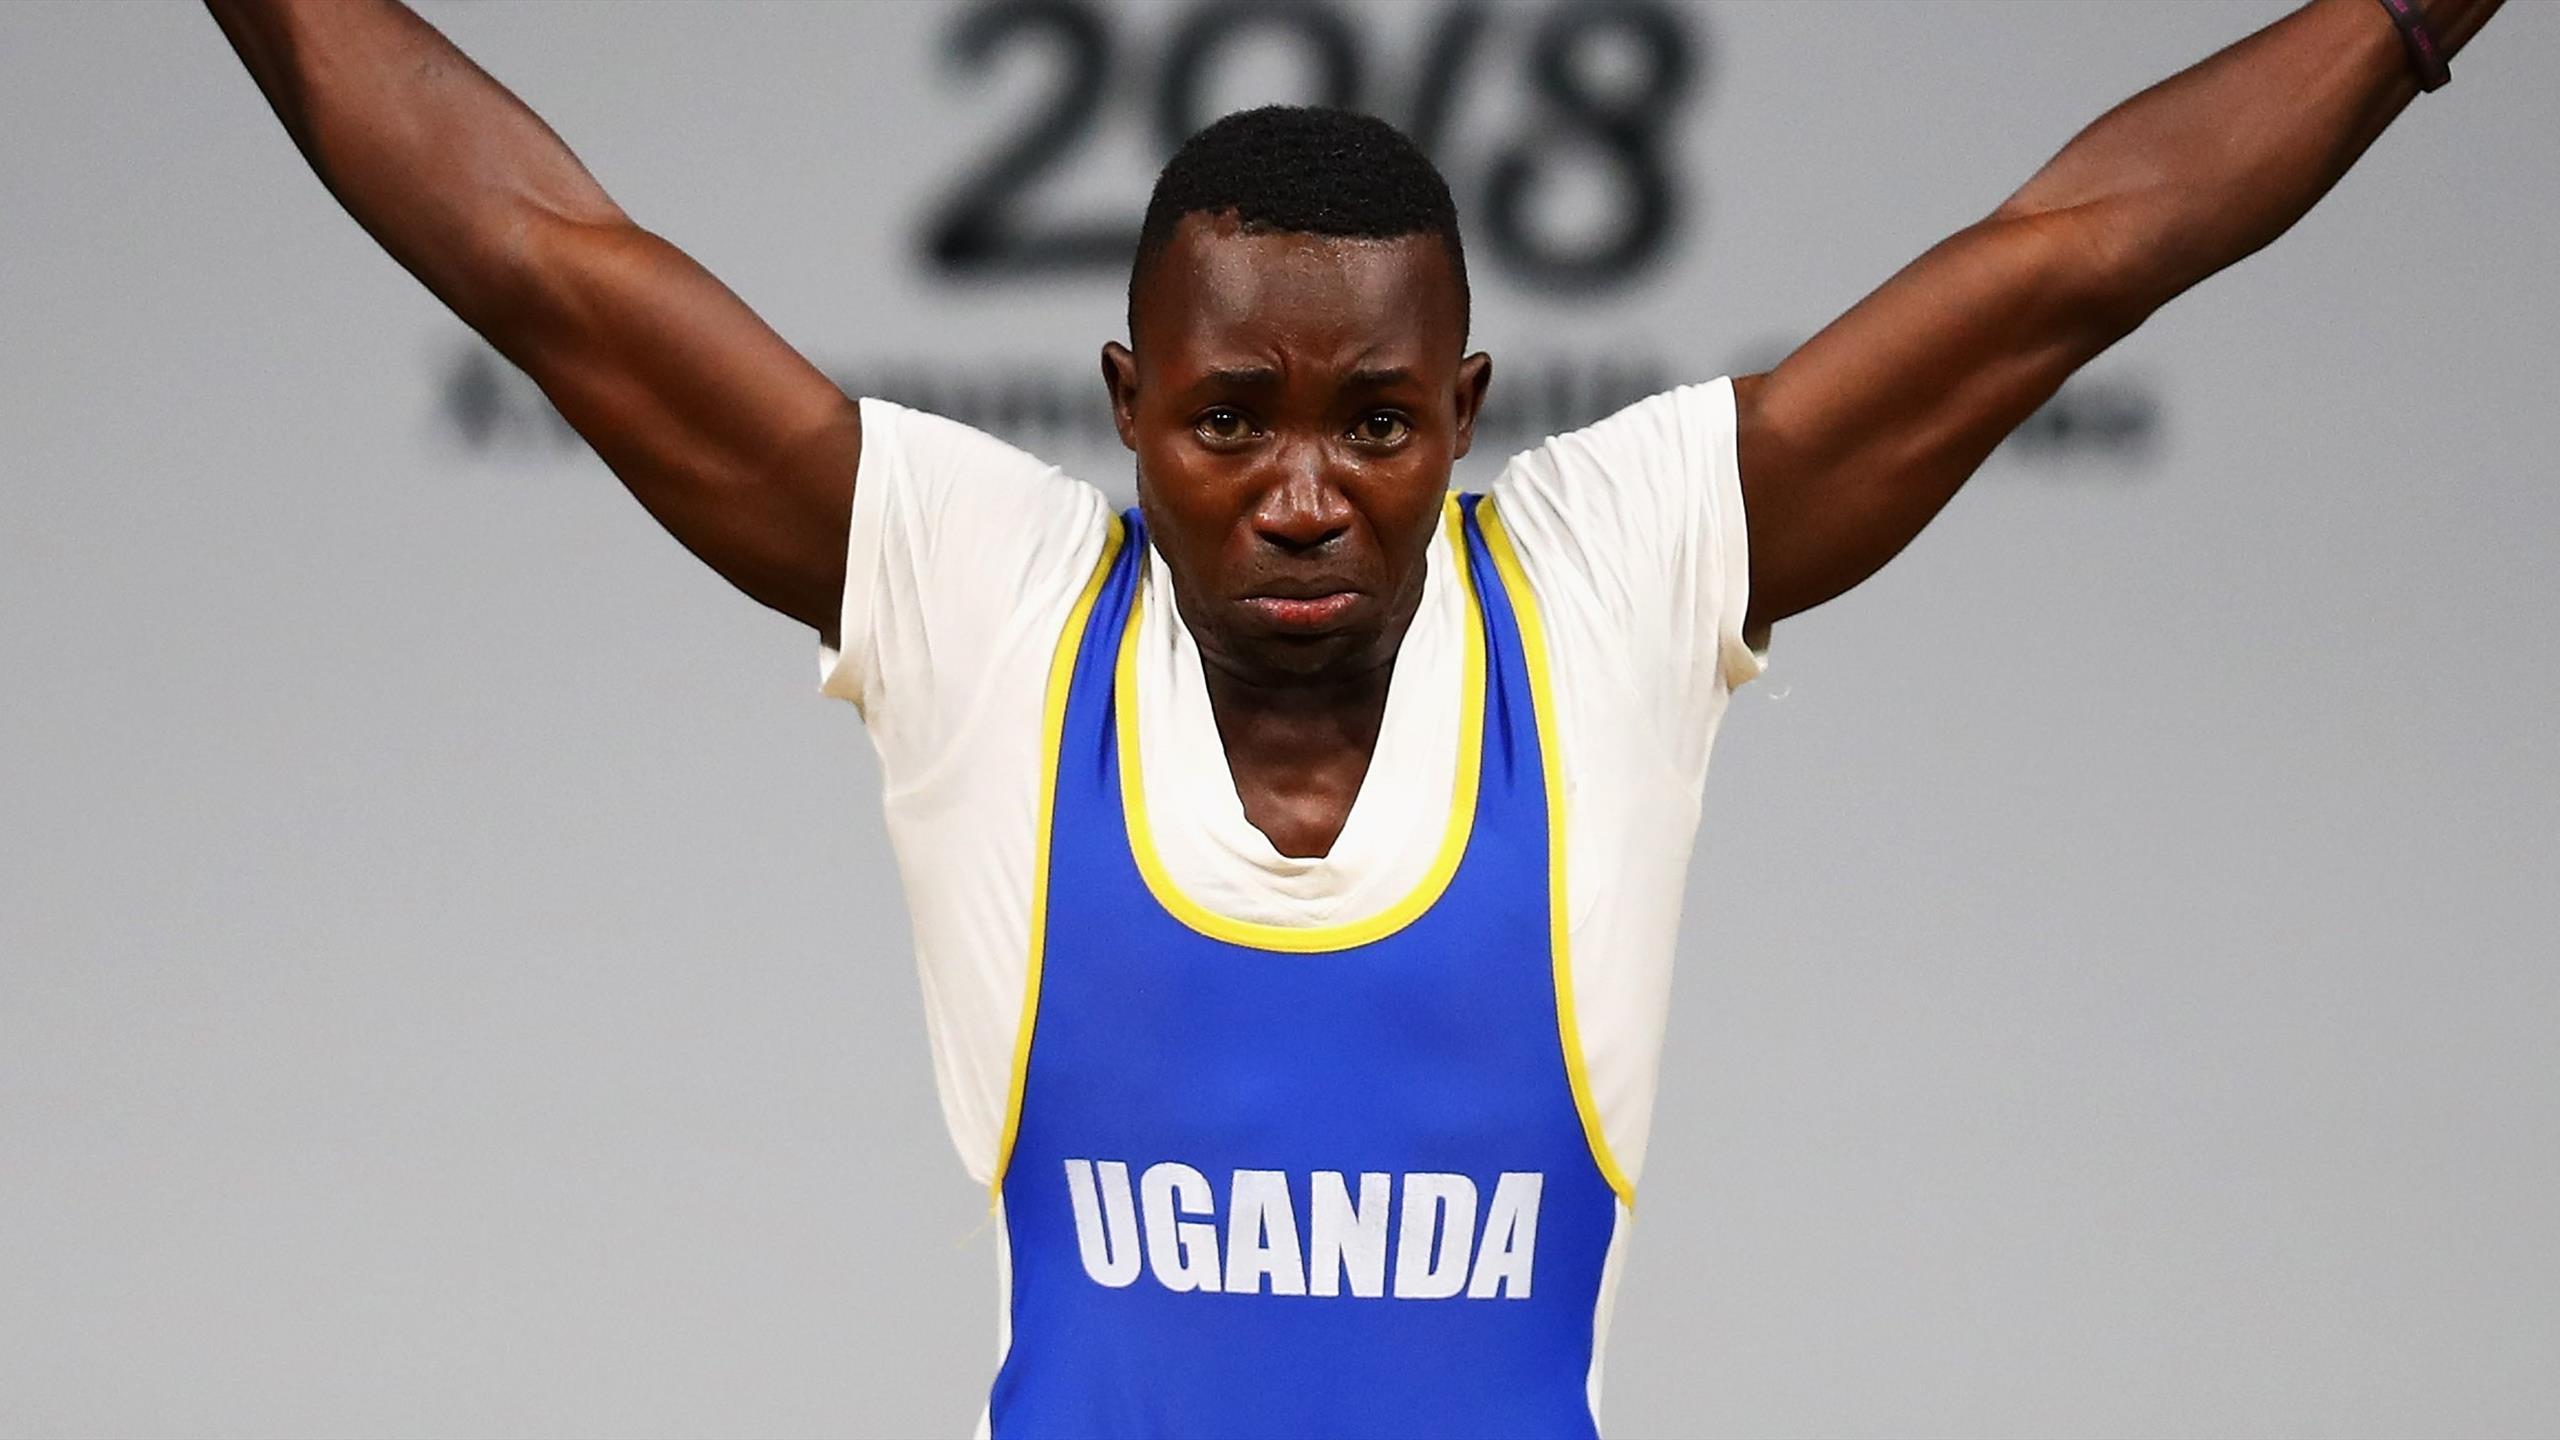 Штангист из Уганды сбежал с базы в поисках лучшей жизни. Его нашли и депортировали на родину